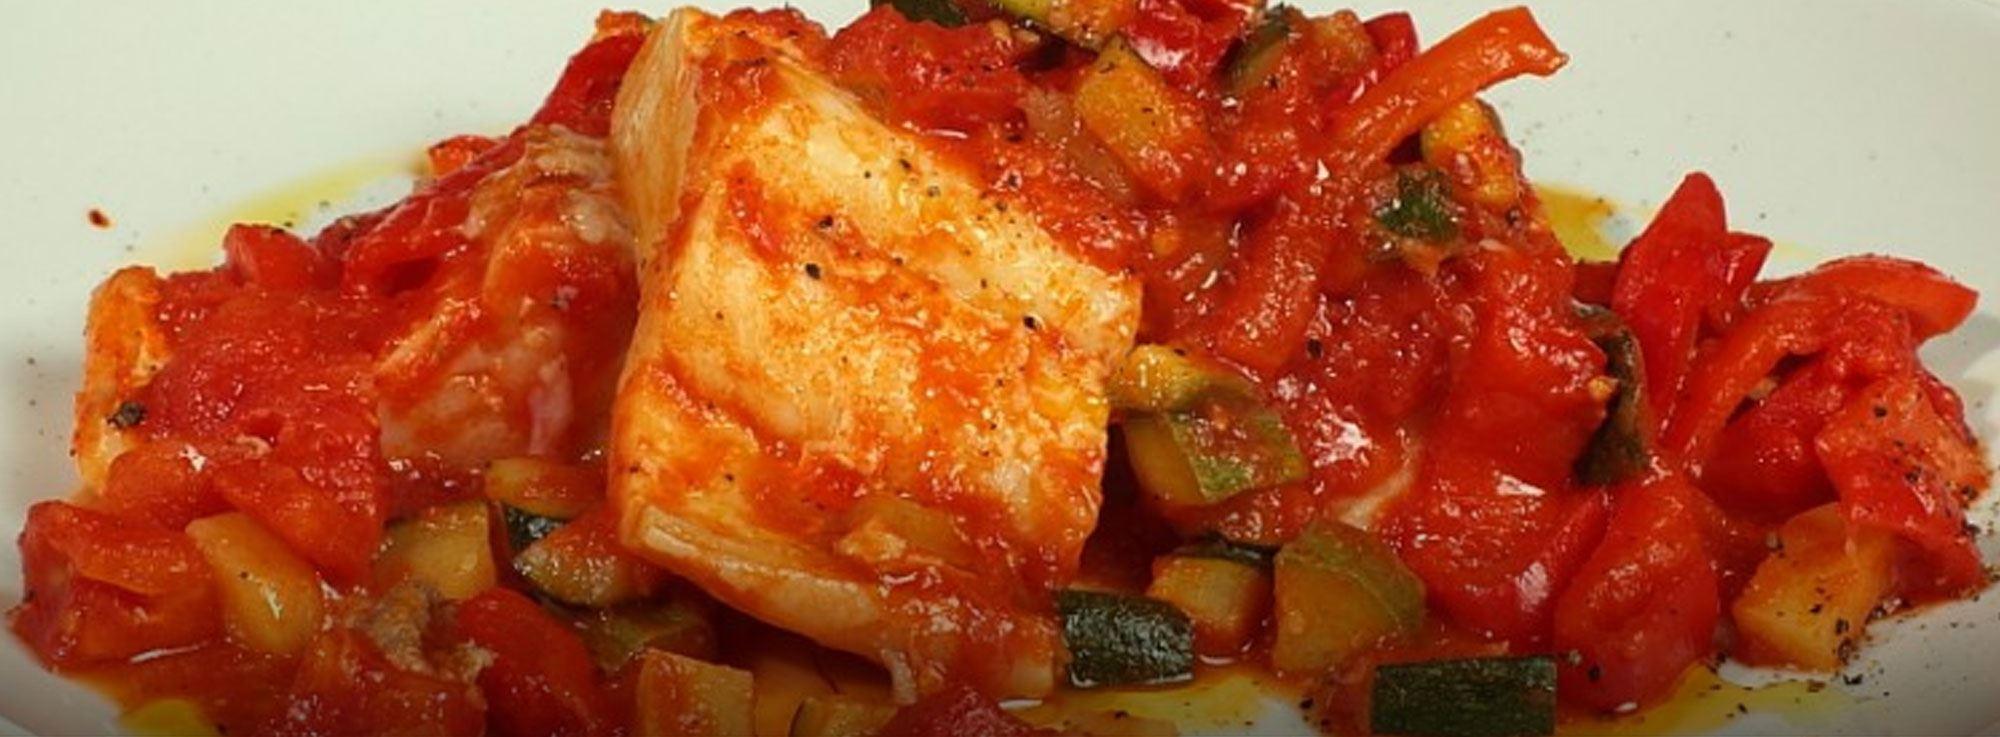 Ricetta: Stoccafisso con verdure al forno